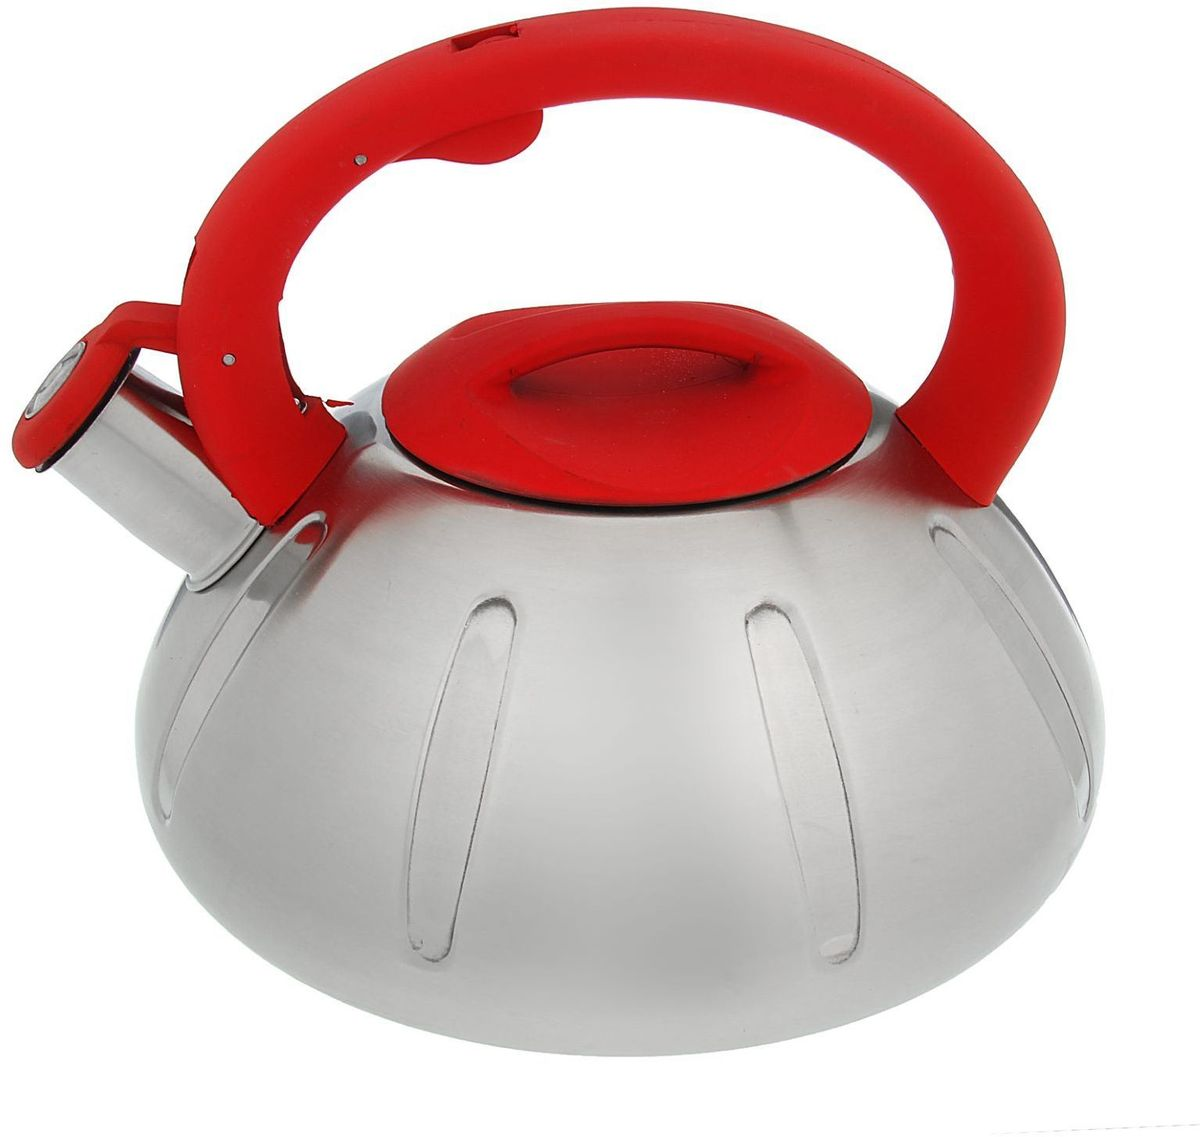 Чайник Доляна Глобал, со свистком, цвет: стальной, красный, 2,8 лVT-1520(SR)Чайник Доляна Глобал выполнен из высококачественной нержавеющей стали. Материал изделия отличается неприхотливостью в уходе, безукоризненной функциональностью, гигиеничностью и стойкостью к коррозии. Чайники из нержавеющей стали абсолютно безопасны для здоровья человека. Благодаря низкой теплопроводности и оптимальному соотношению дна и стенок вода дольше остается горячей, а качественное дно гарантирует быстрый нагрев. Чайник при кипячении сохраняет все полезные свойства воды. Чайник снабжен фиксированной ручкой из пластика. Удобная ручка не нагревается, и поэтому вероятность ожогов сводится к минимуму. Свисток на носике чайника громко оповестит, когда закипела вода. Свисток открывается нажатием кнопки на рукоятке. Подходит для газовых, электрических, стеклокерамических, галогеновых, индукционных плит. Рекомендуется ручная мойка.